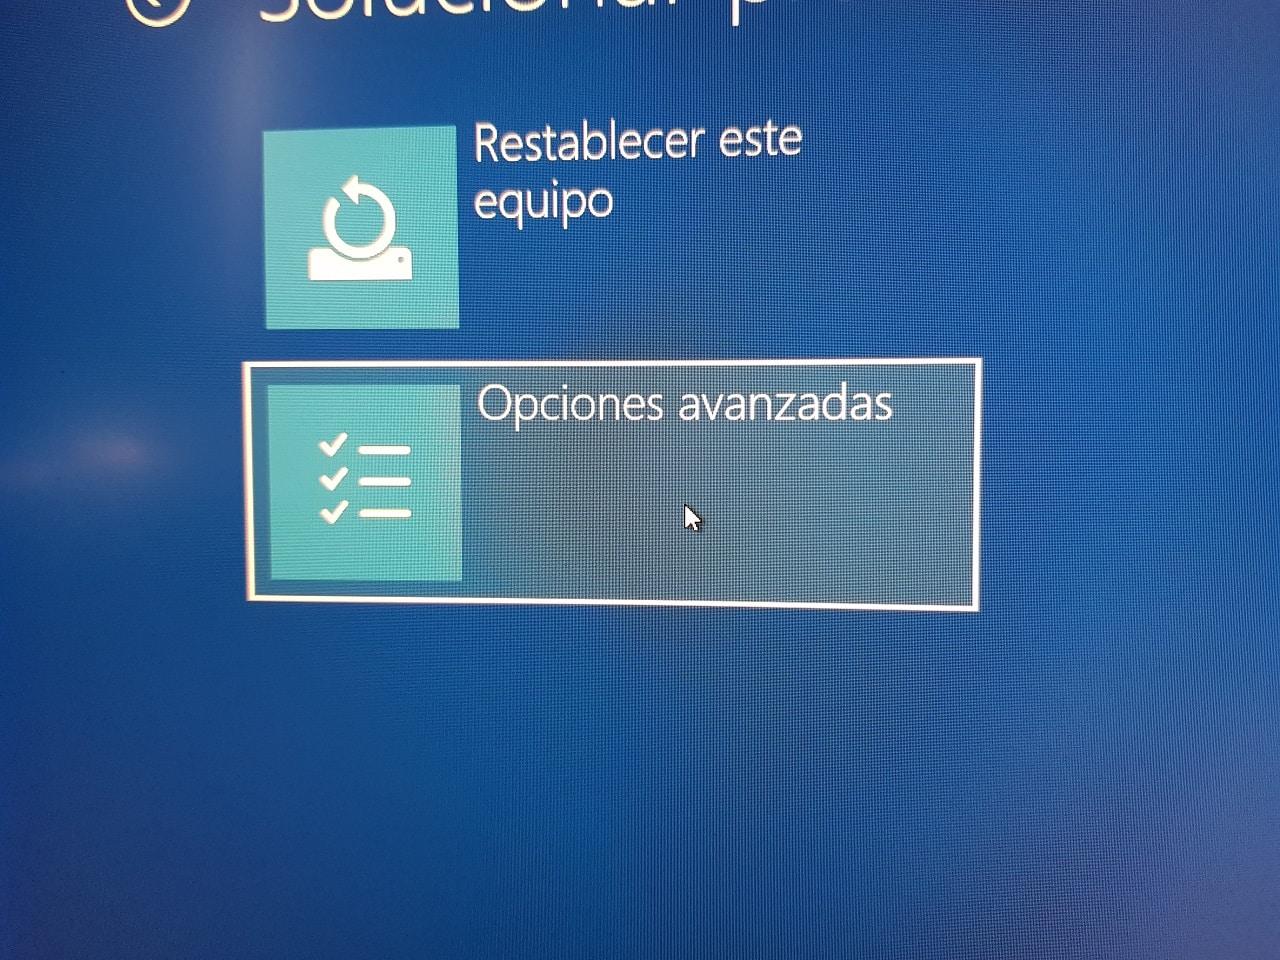 Opciones avanzadas, windows 10